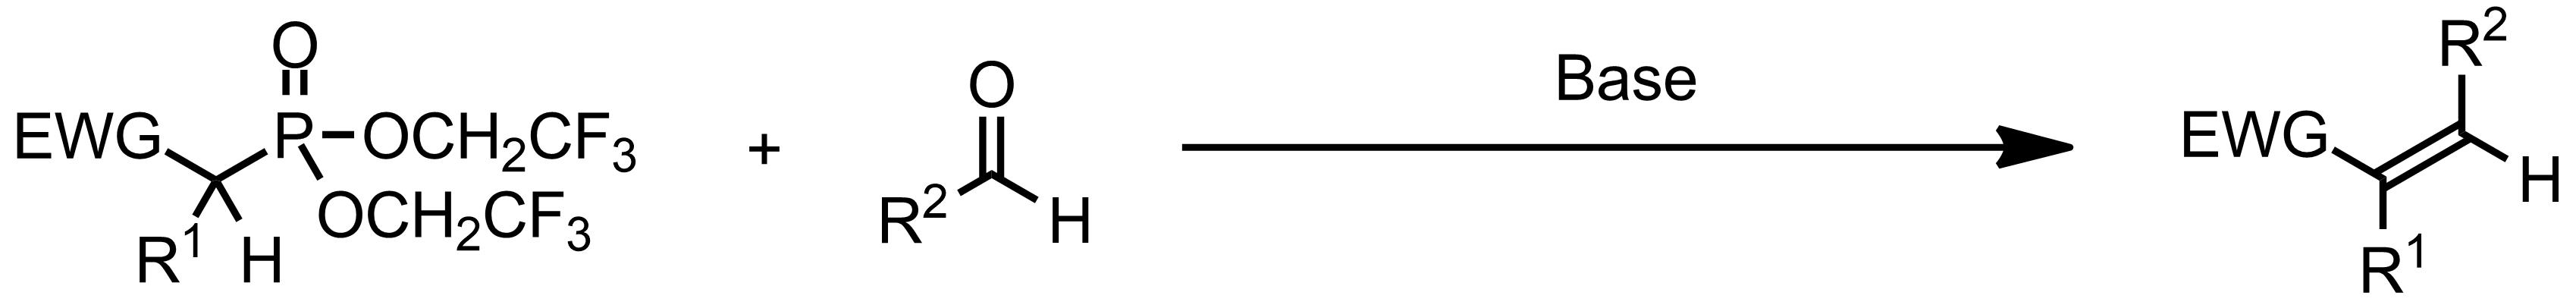 Schematic representation of the Still-Gennari Reaction.